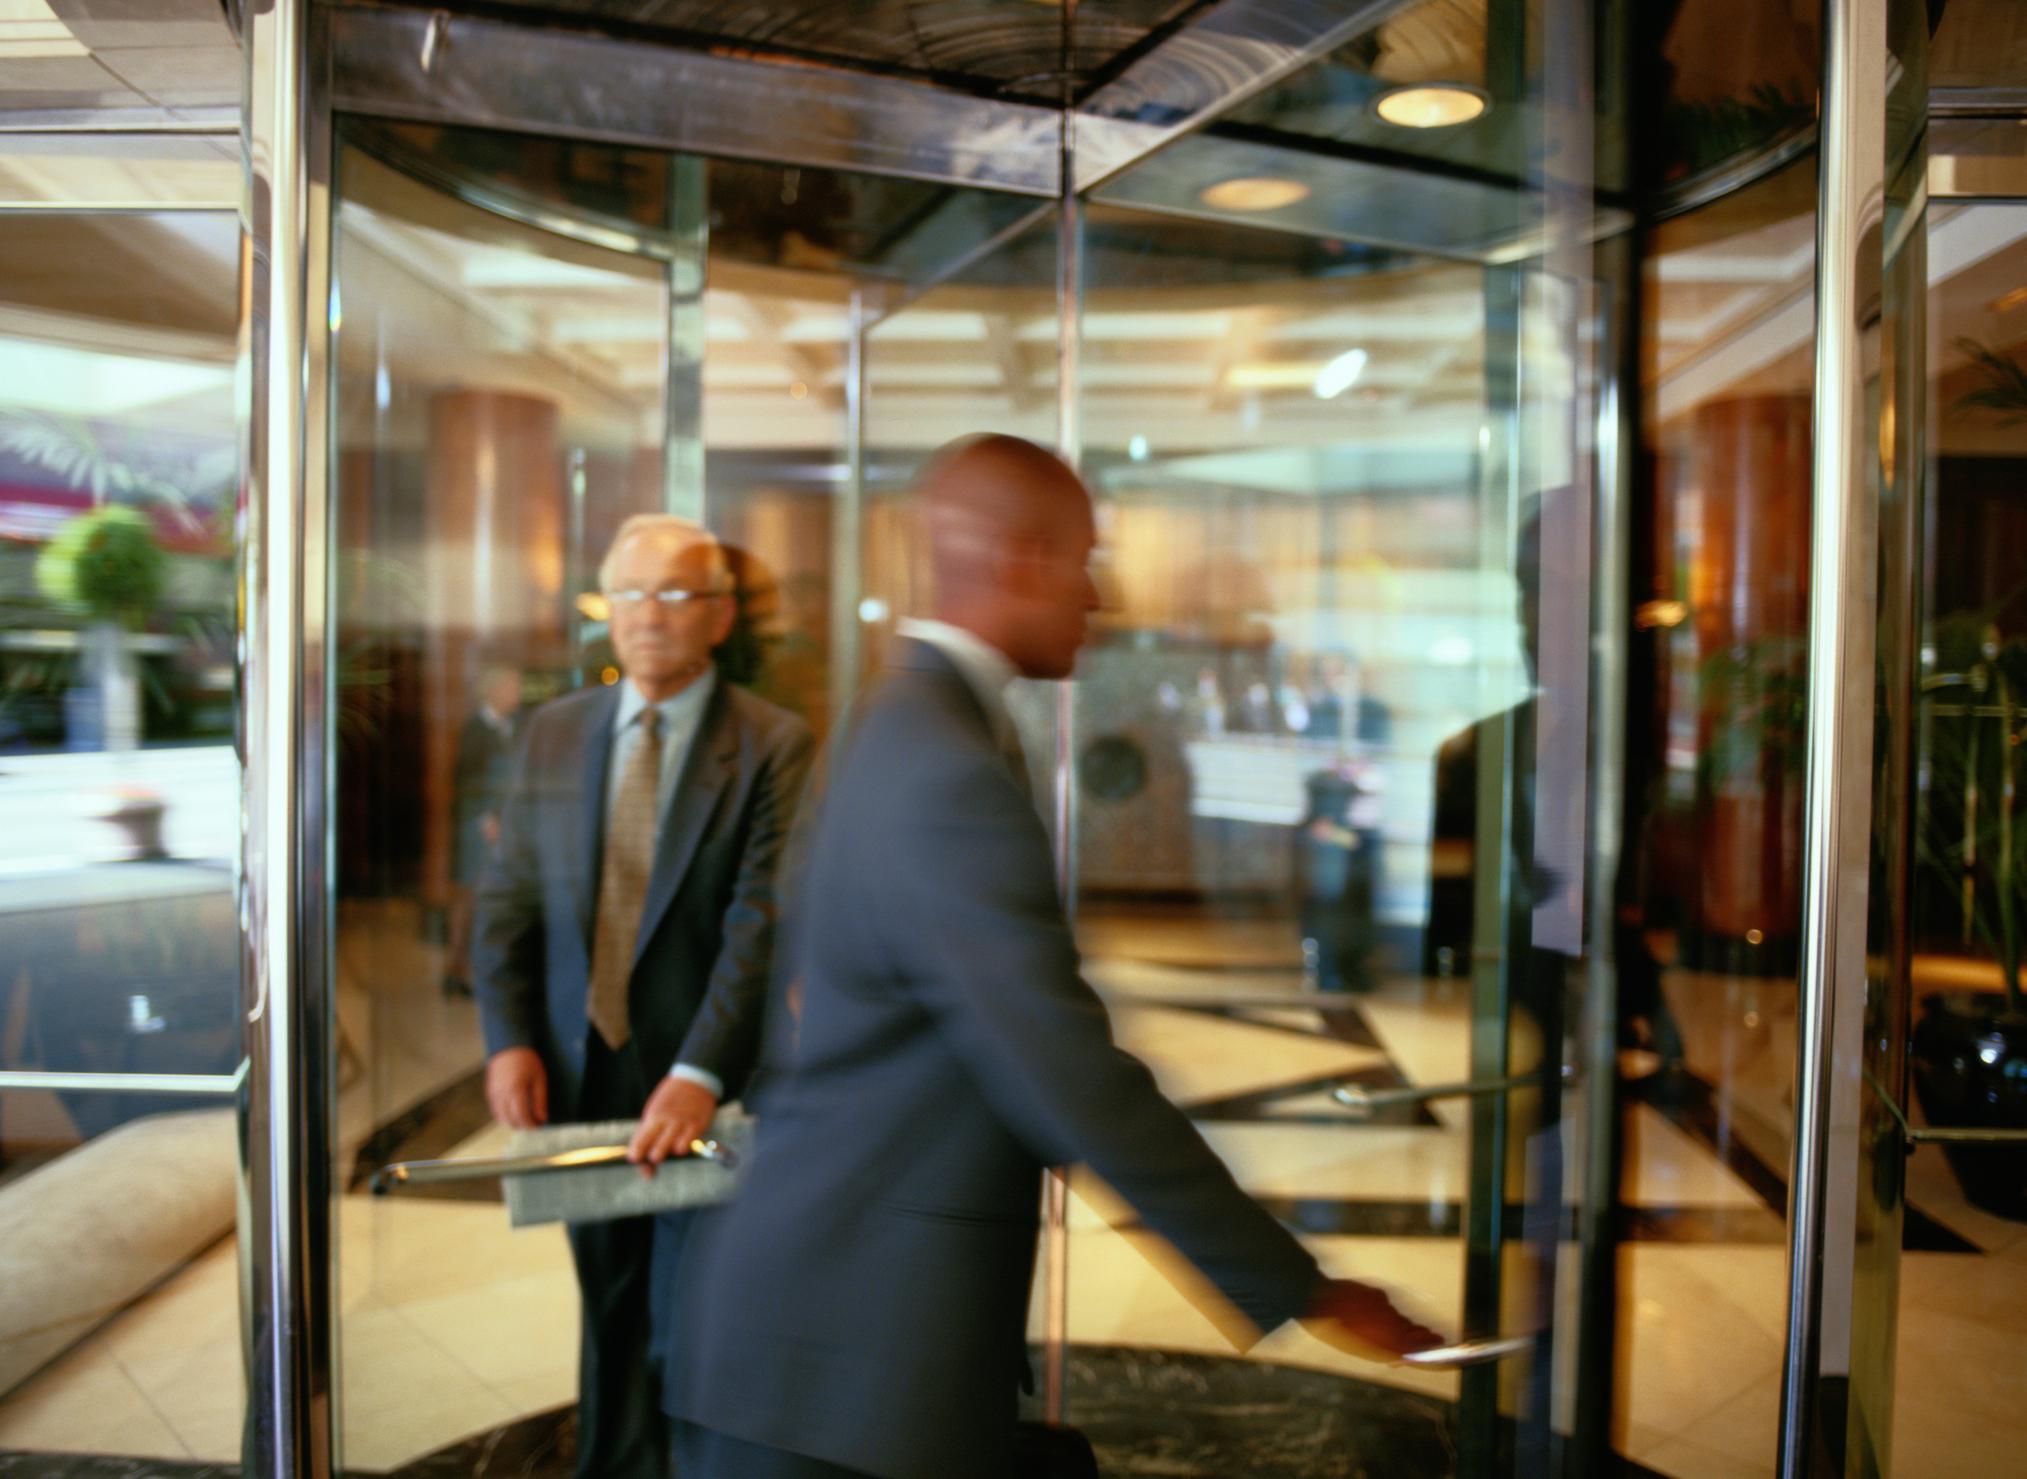 Two businessmen in a revolving door.